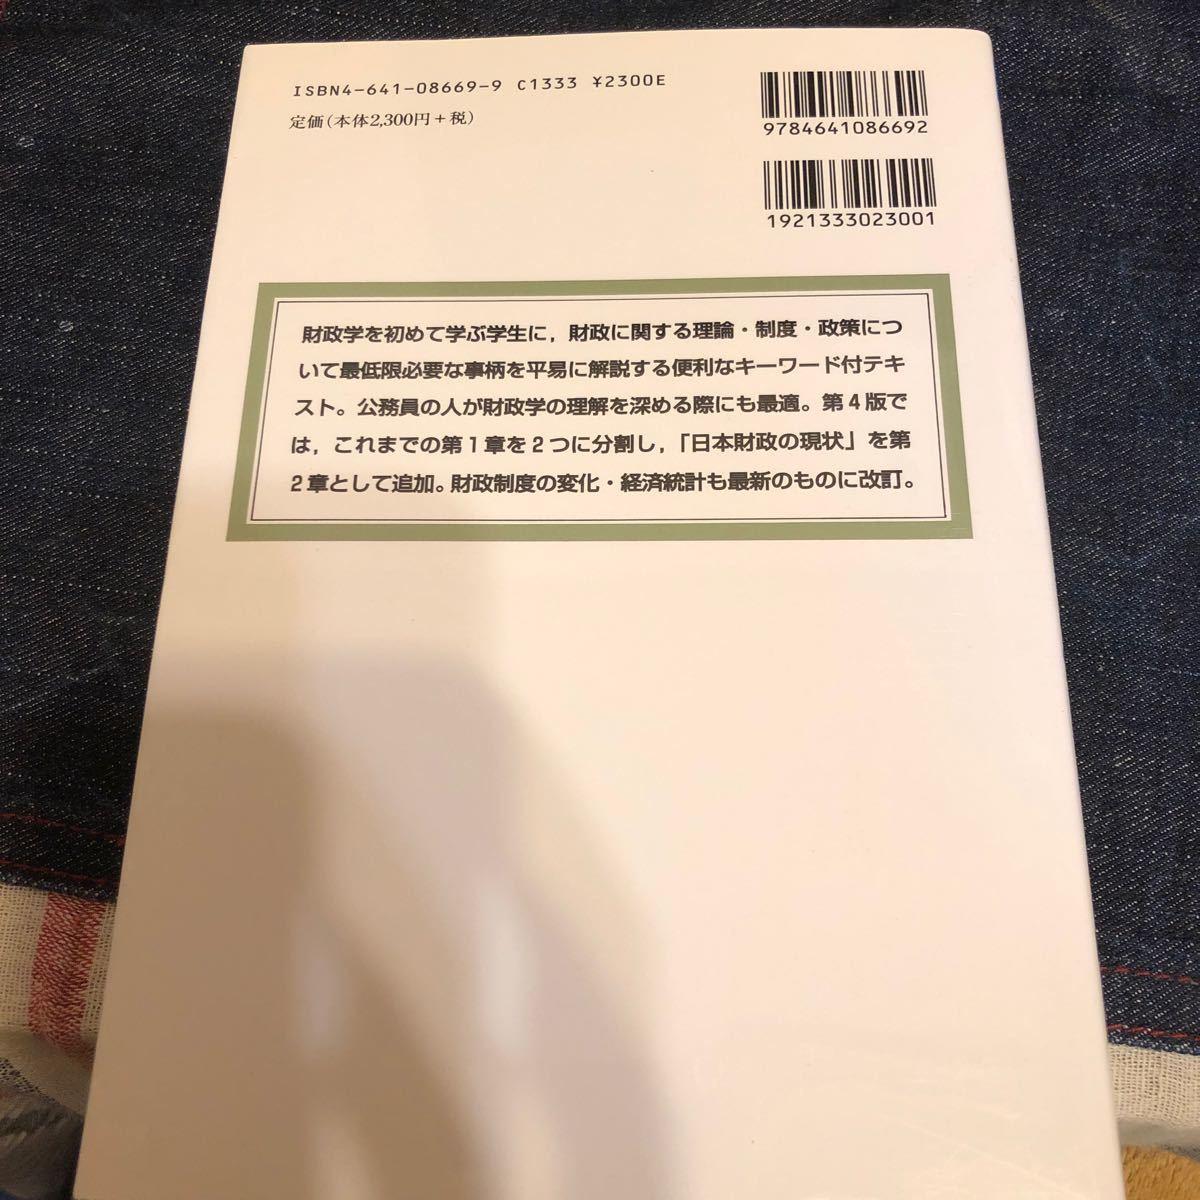 基本財政学   第4版/有斐閣/橋本徹 (単行本) 中古